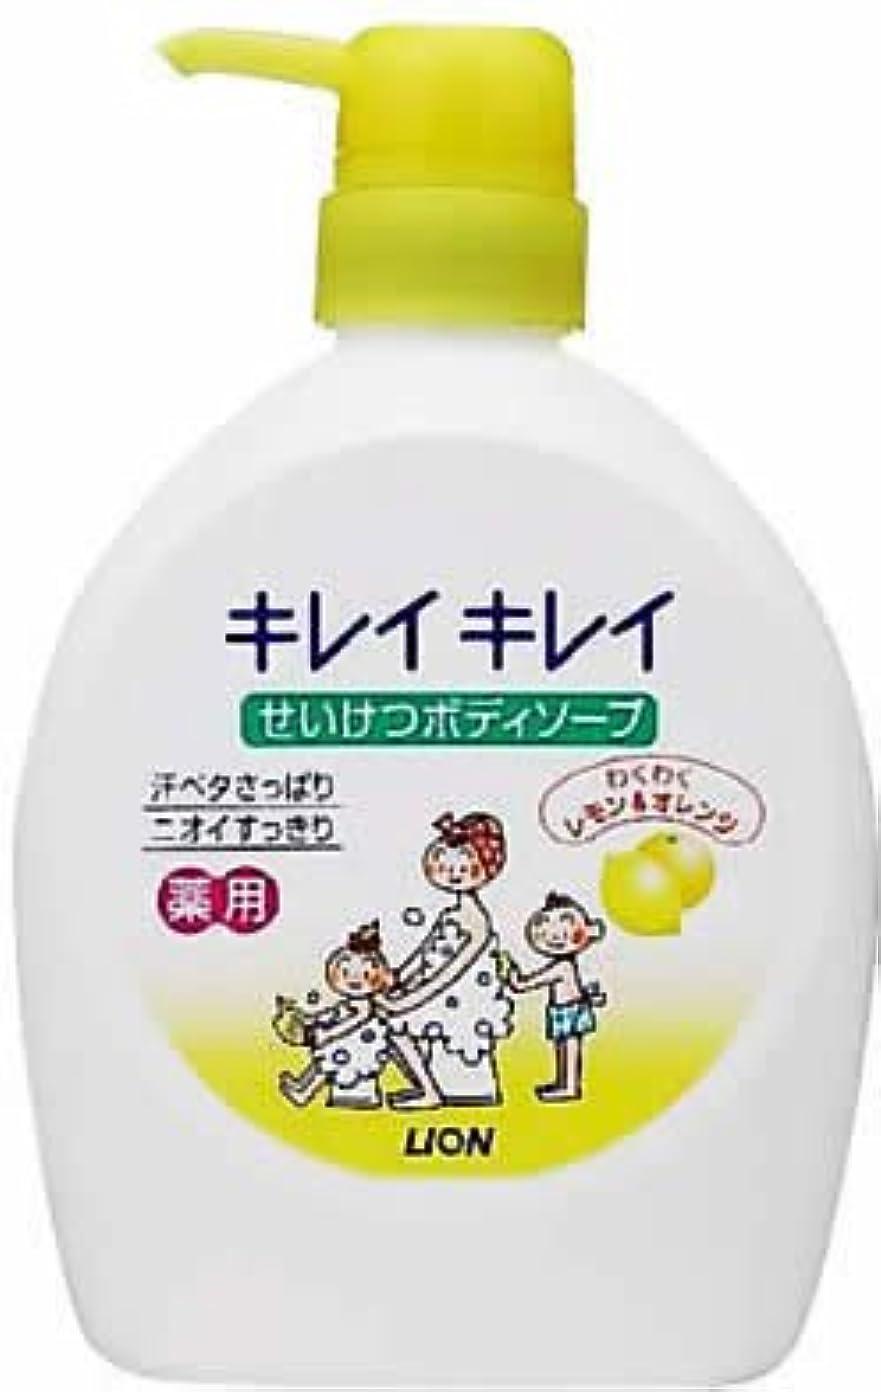 巧みなトンシステムキレイキレイ せいけつボディソープ わくわくレモン&オレンジの香り 本体ポンプ 580ml